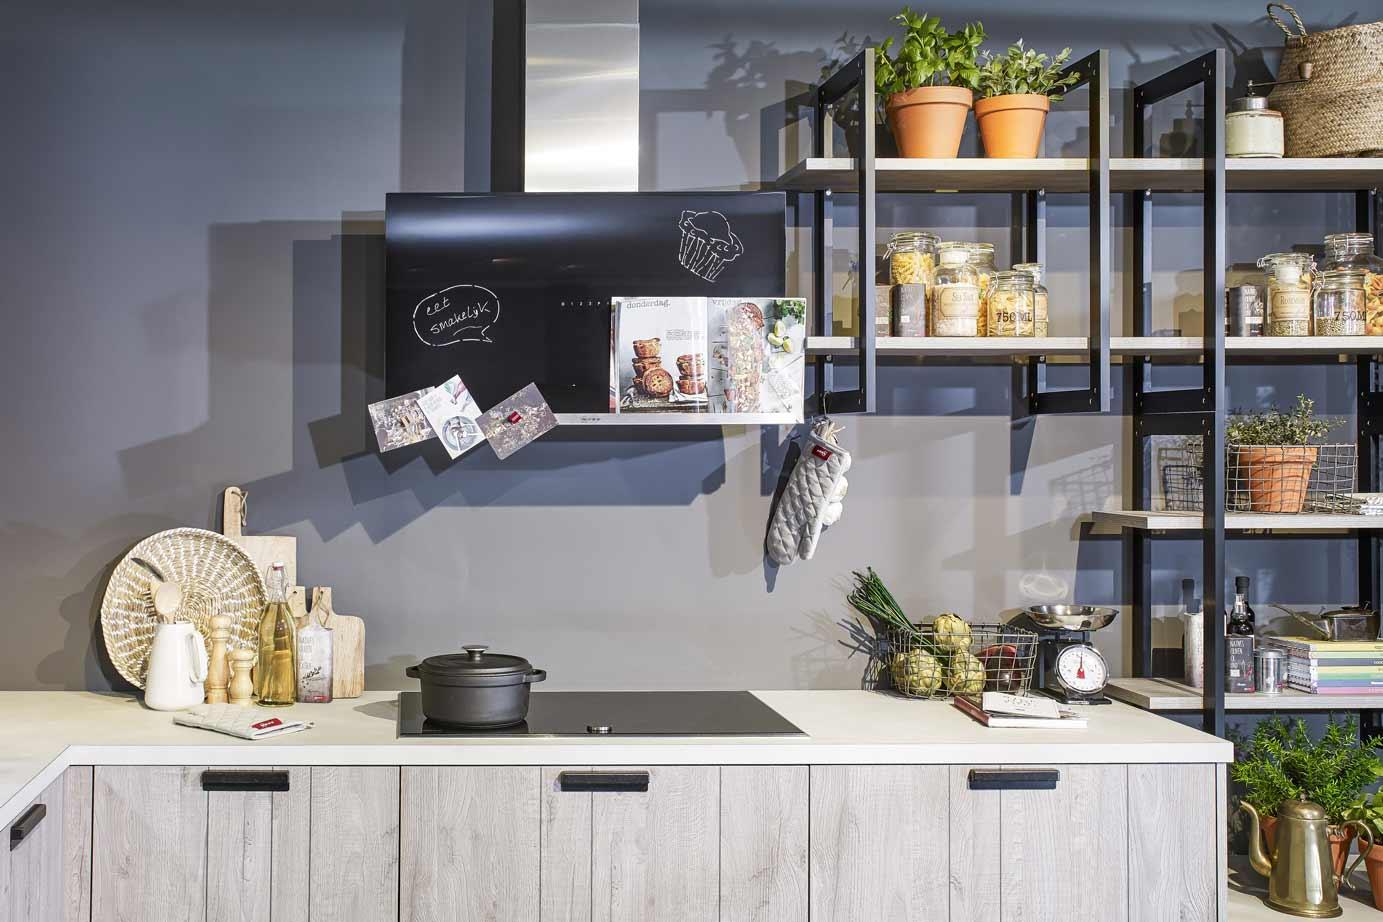 Ardi Keukens Goes : Ardi keukens en sanitair dé keukenspecialist van zeeland ardi